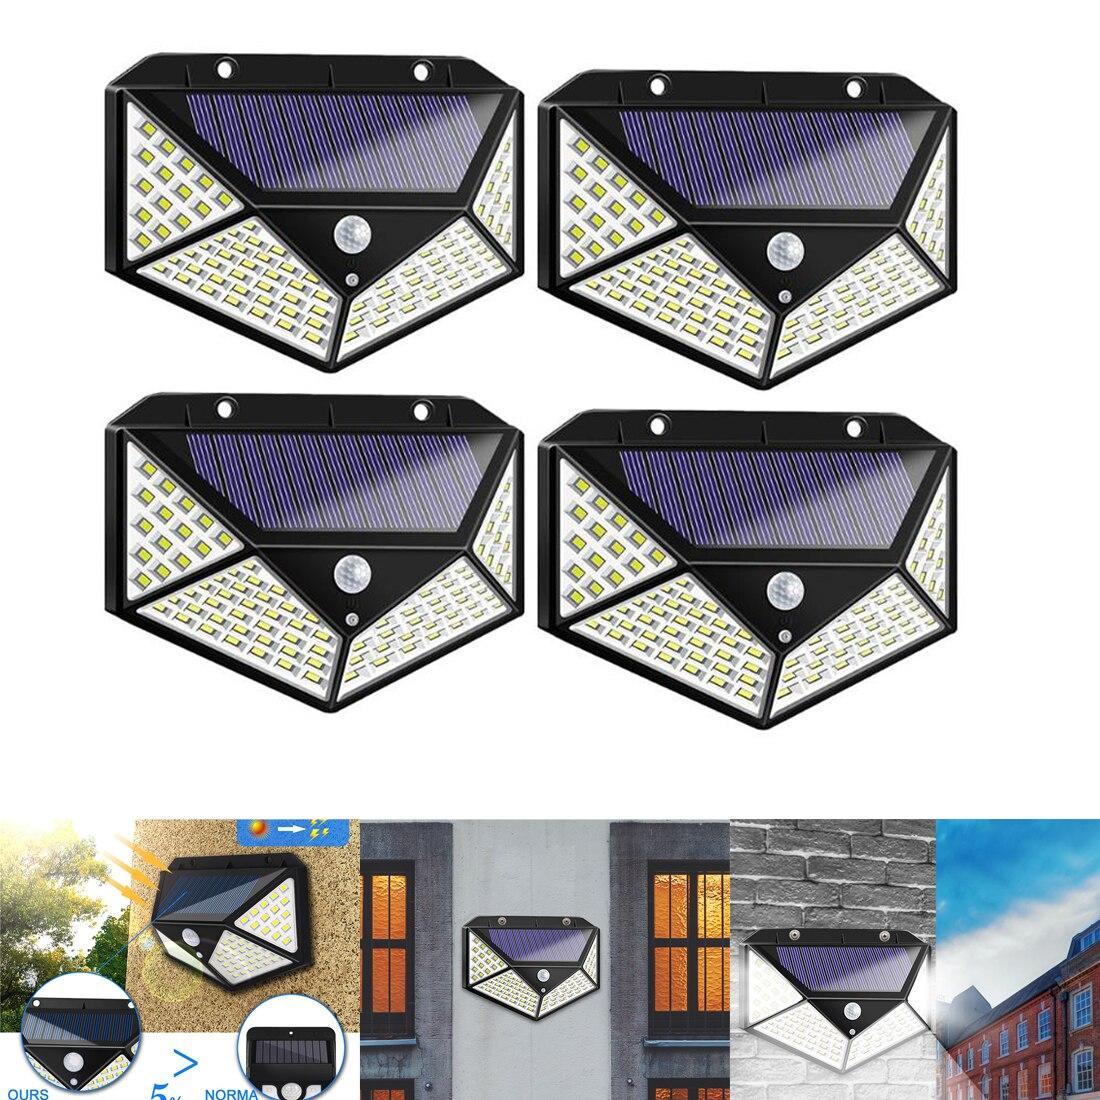 100 144 luz Solar LED para exteriores, lámpara Solar alimentada con luz Solar, Sensor de movimiento PIR impermeable, luz de calle para decoración de jardín